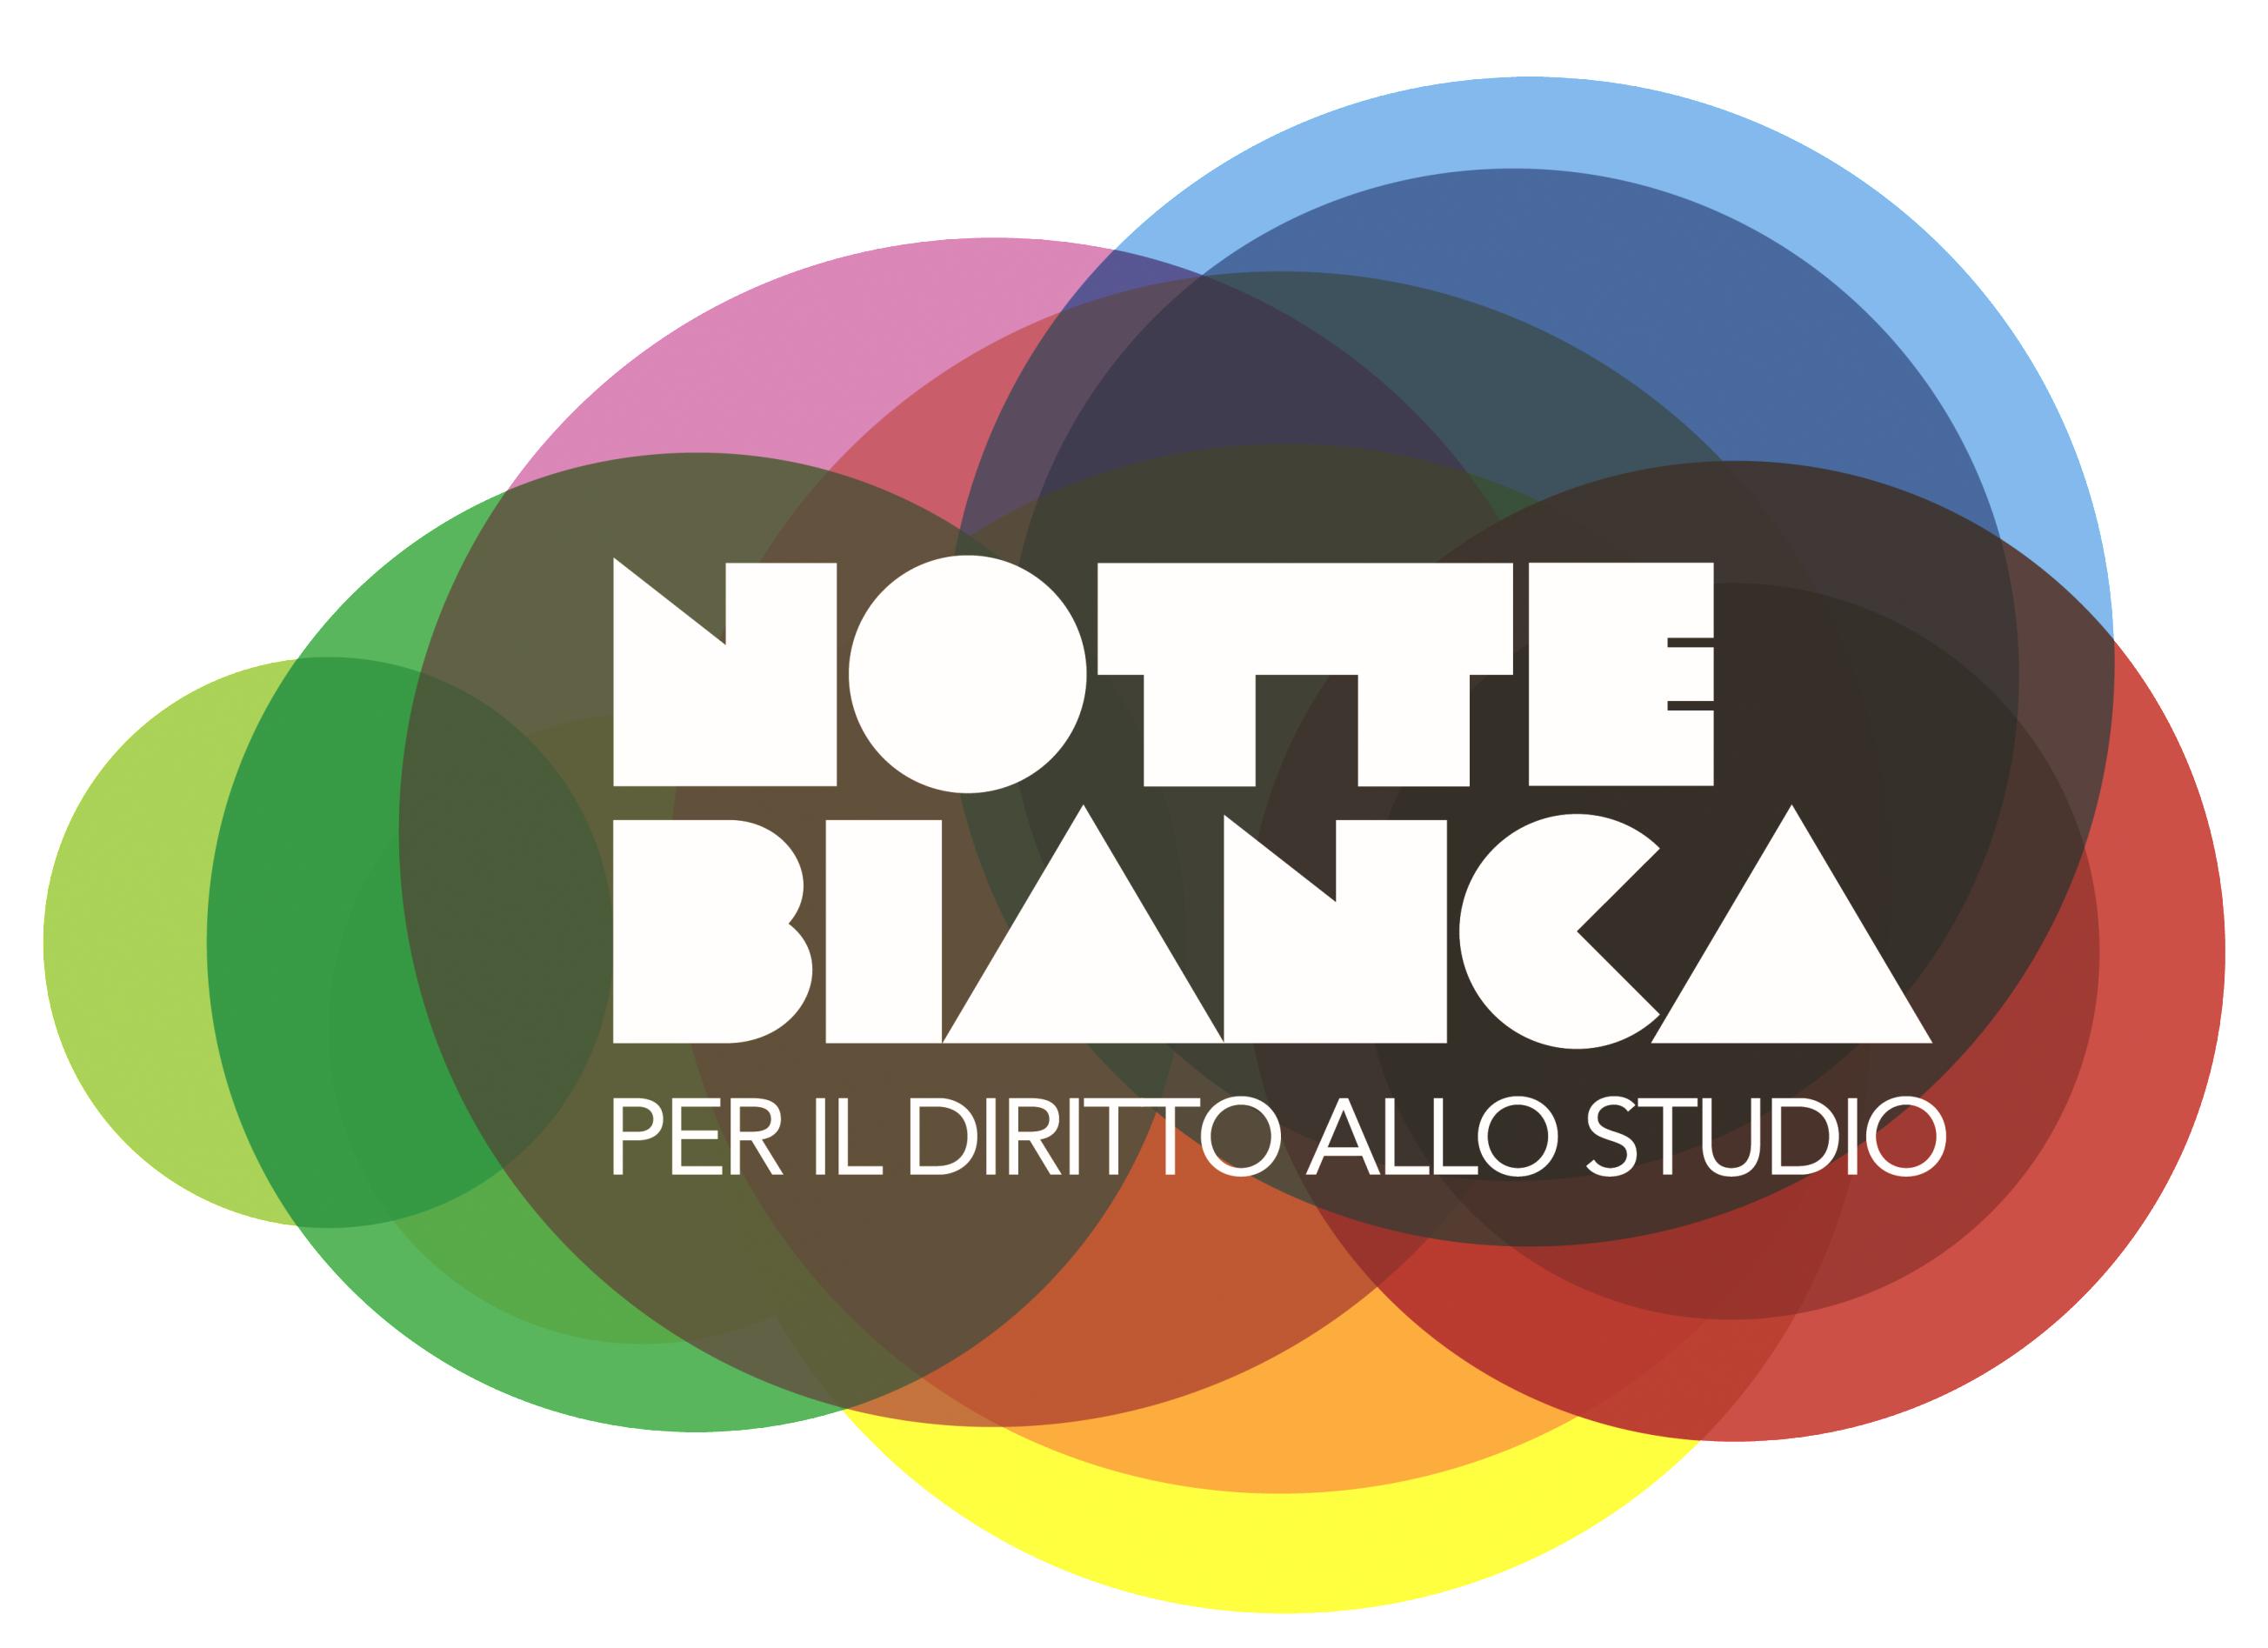 """Comunicato Stampa Università: Giorno 10 dicembre si organizza in tutta Italia la """"Notte Bianca per il Diritto allo Studio Universitario"""""""